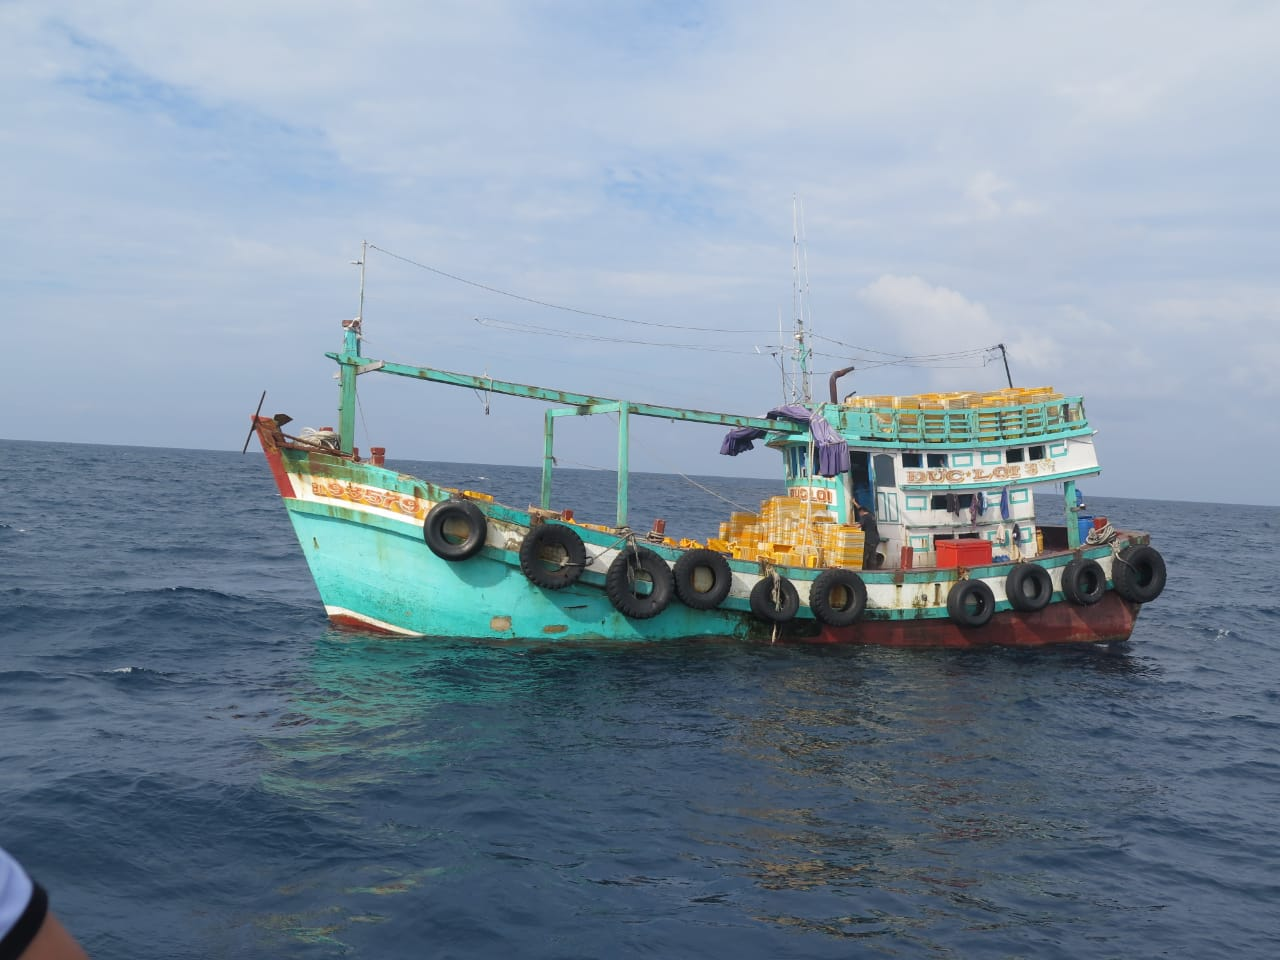 https: img-o.okeinfo.net content 2019 07 28 320 2084615 ri-kembali-tangkap-6-kapal-ilegal-dari-vietnam-dan-filipina-wcaTBlhcIc.jpg